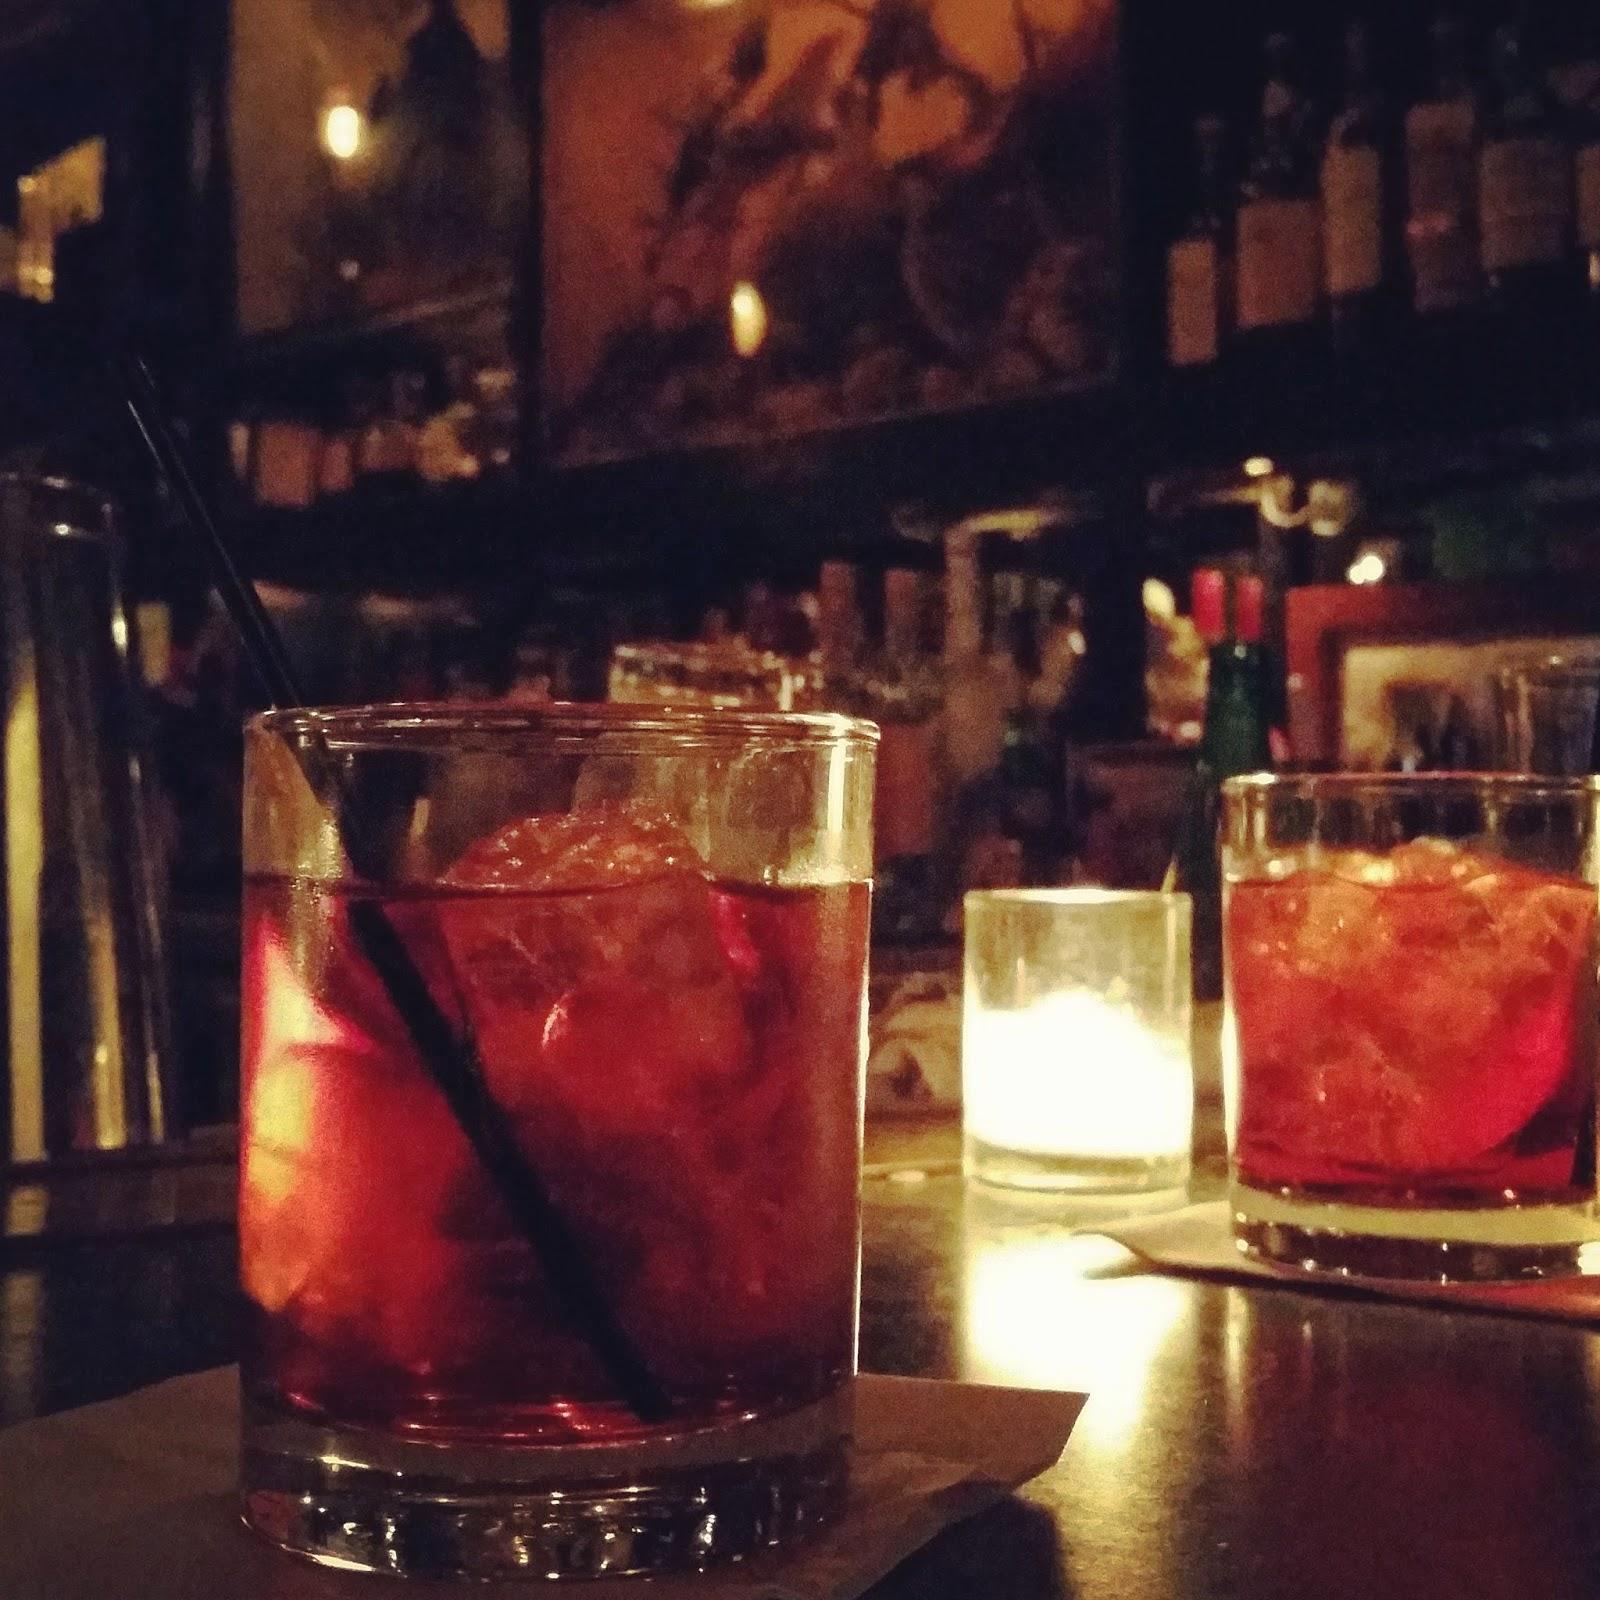 http://www.freemansrestaurant.com/